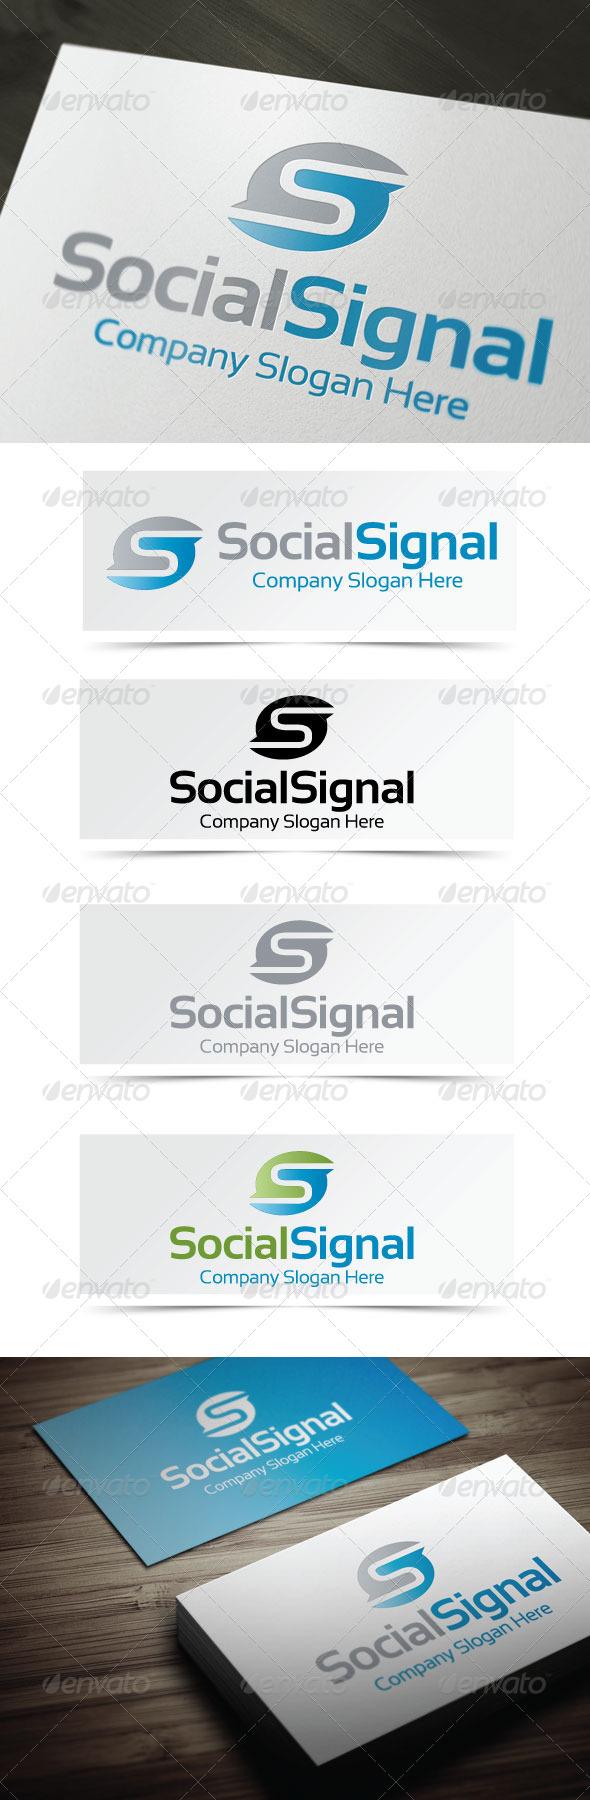 GraphicRiver Social Signal 4119510